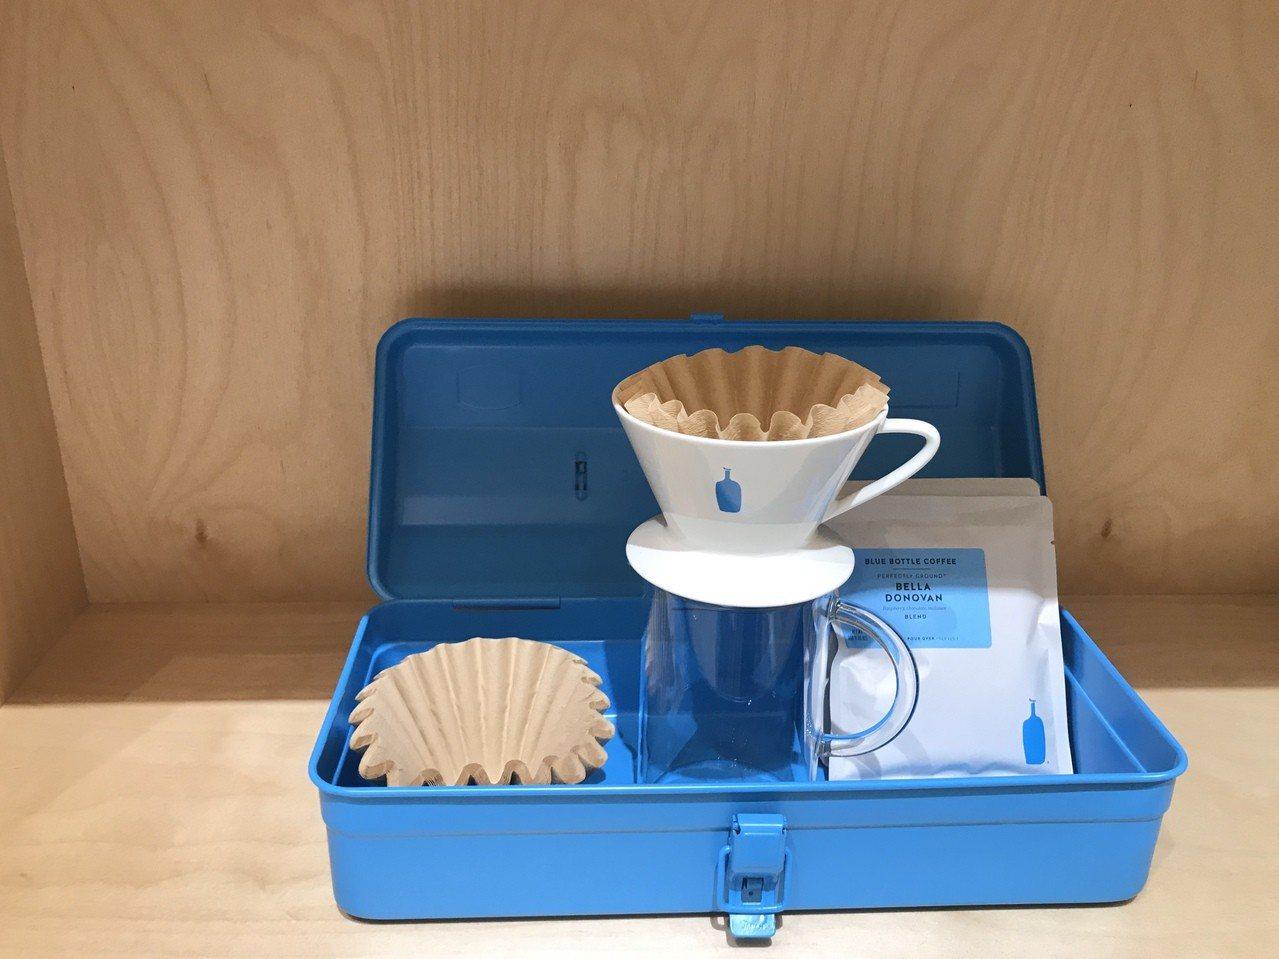 藍瓶工具箱(藍色、灰色)1,290元。記者江佩君/攝影